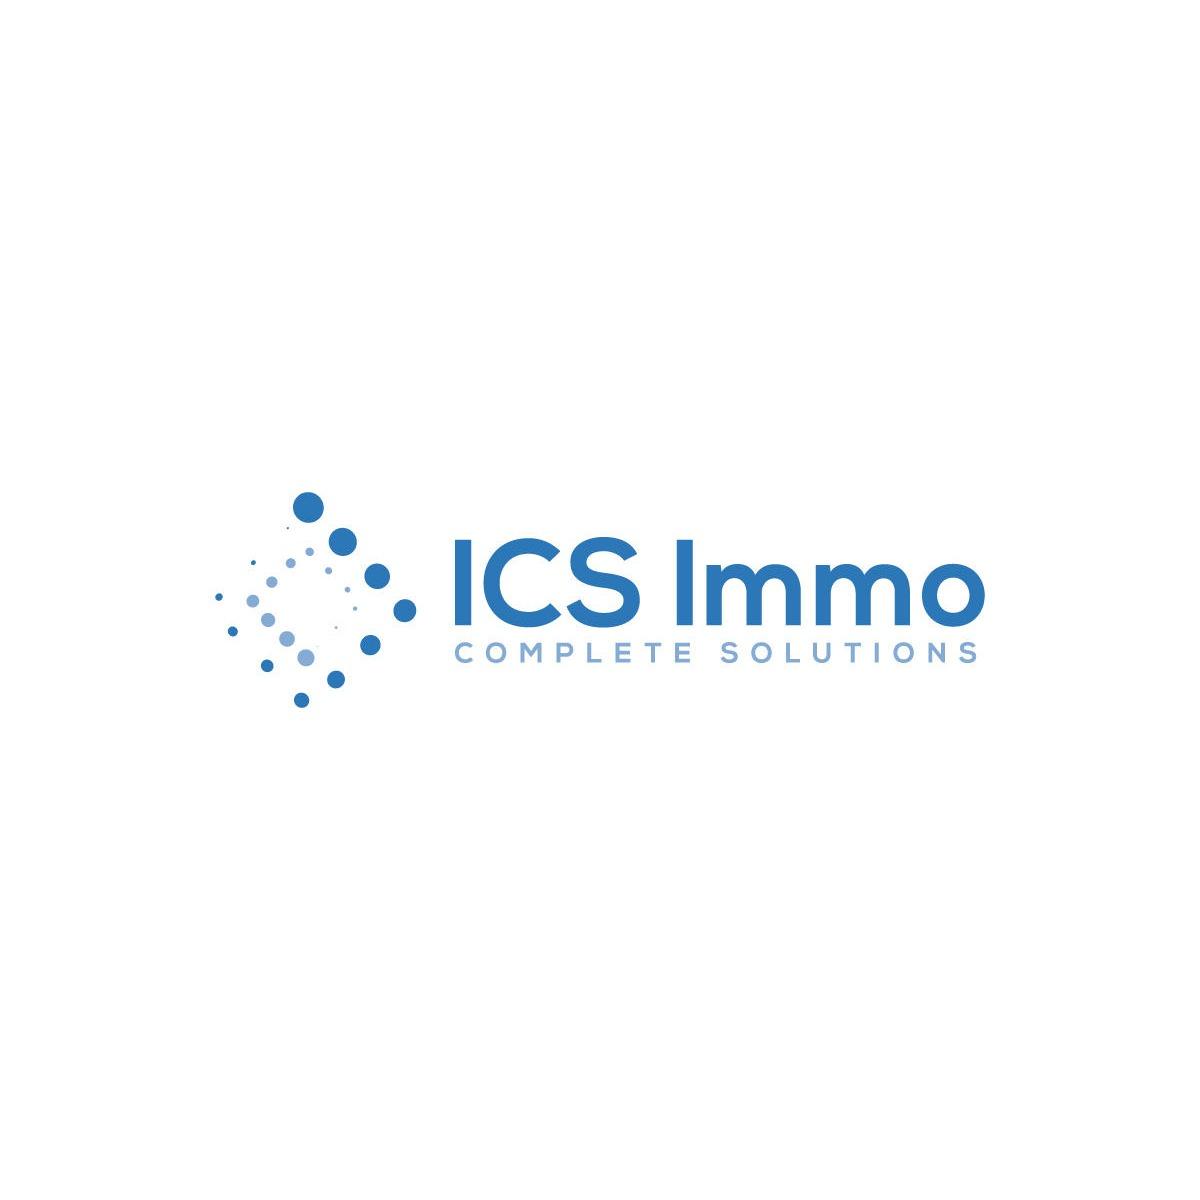 ICS Immo Complete Solutions – Ihr Immobilienmakler in Wien